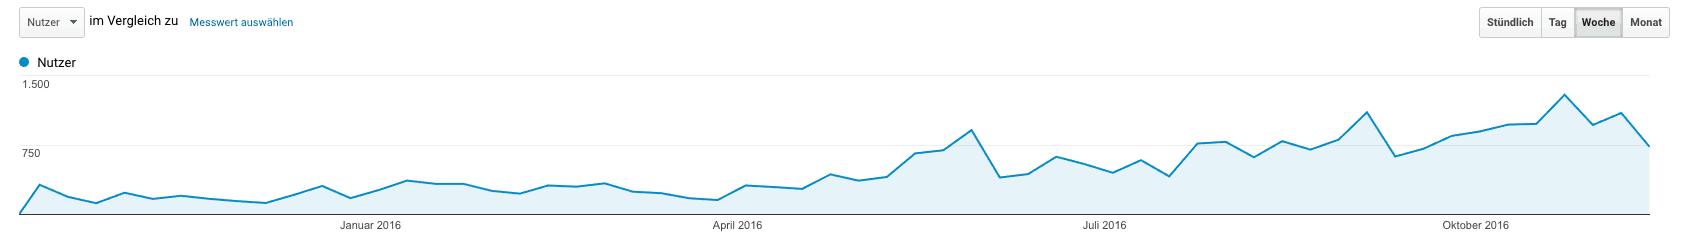 Entwicklung der Nutzerzahl auf dem Blog